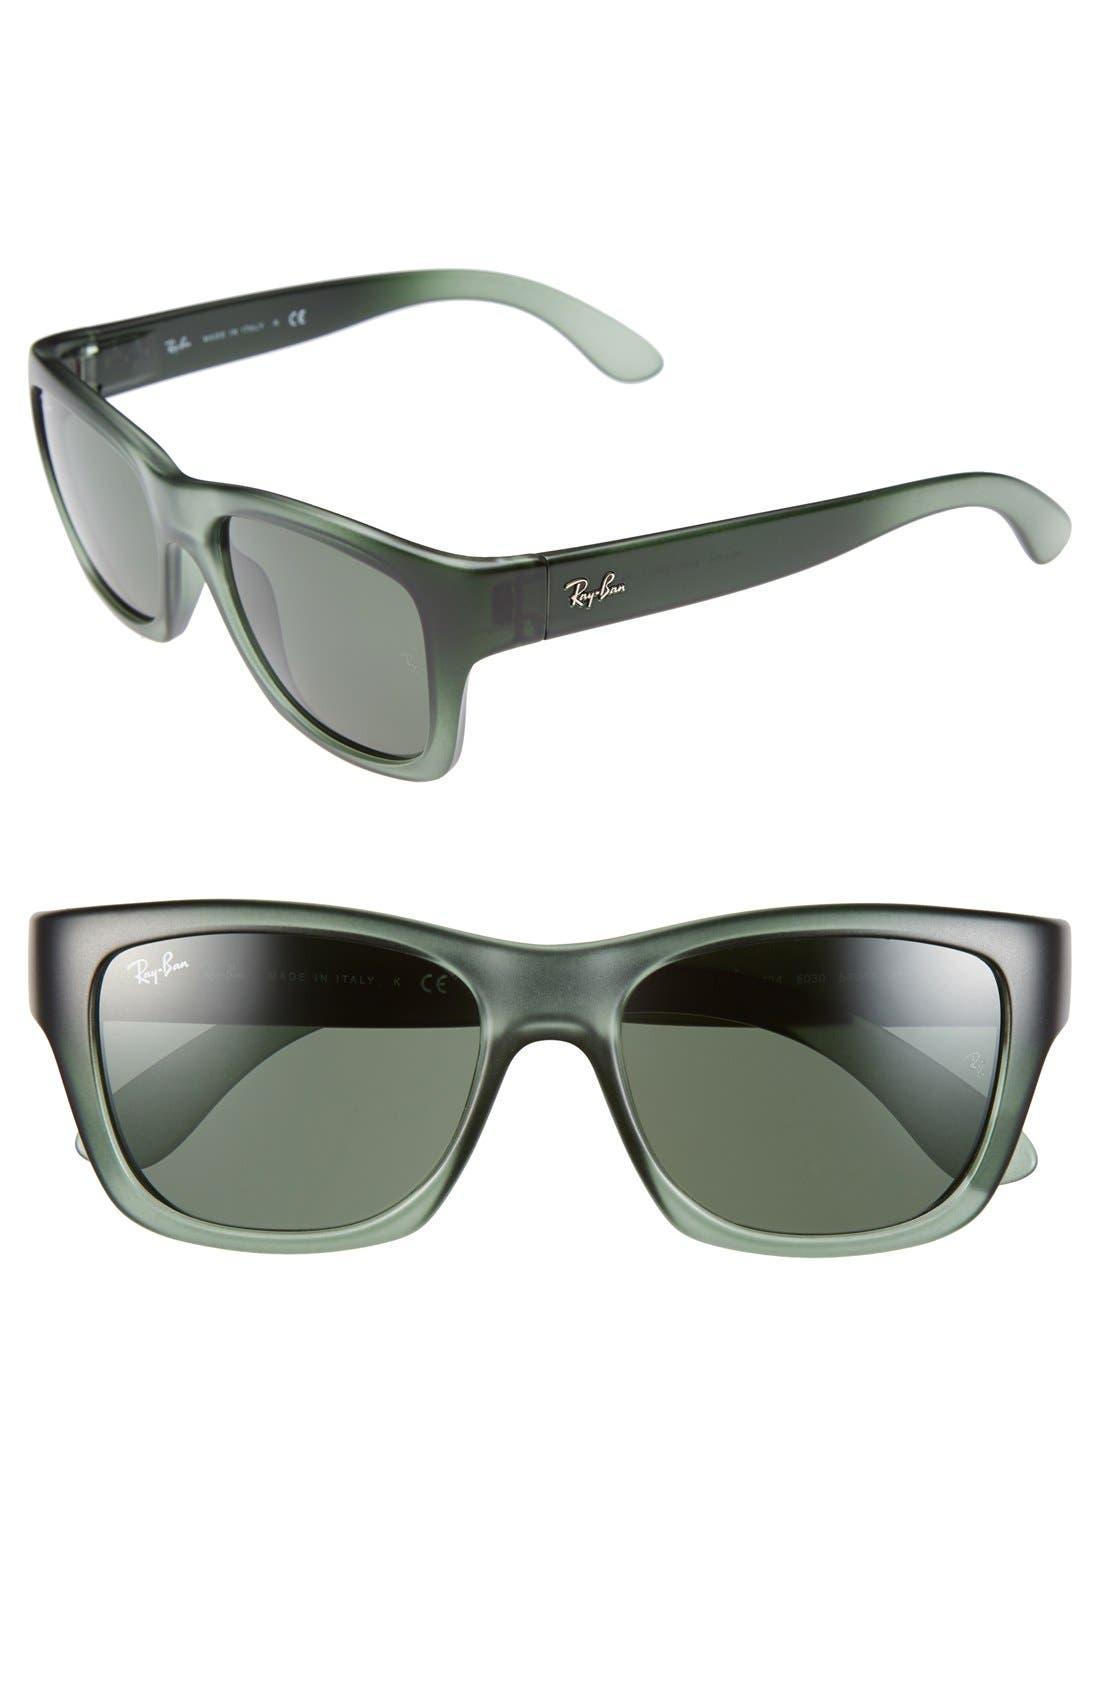 Main Image - Ray-Ban 53mm Sunglasses